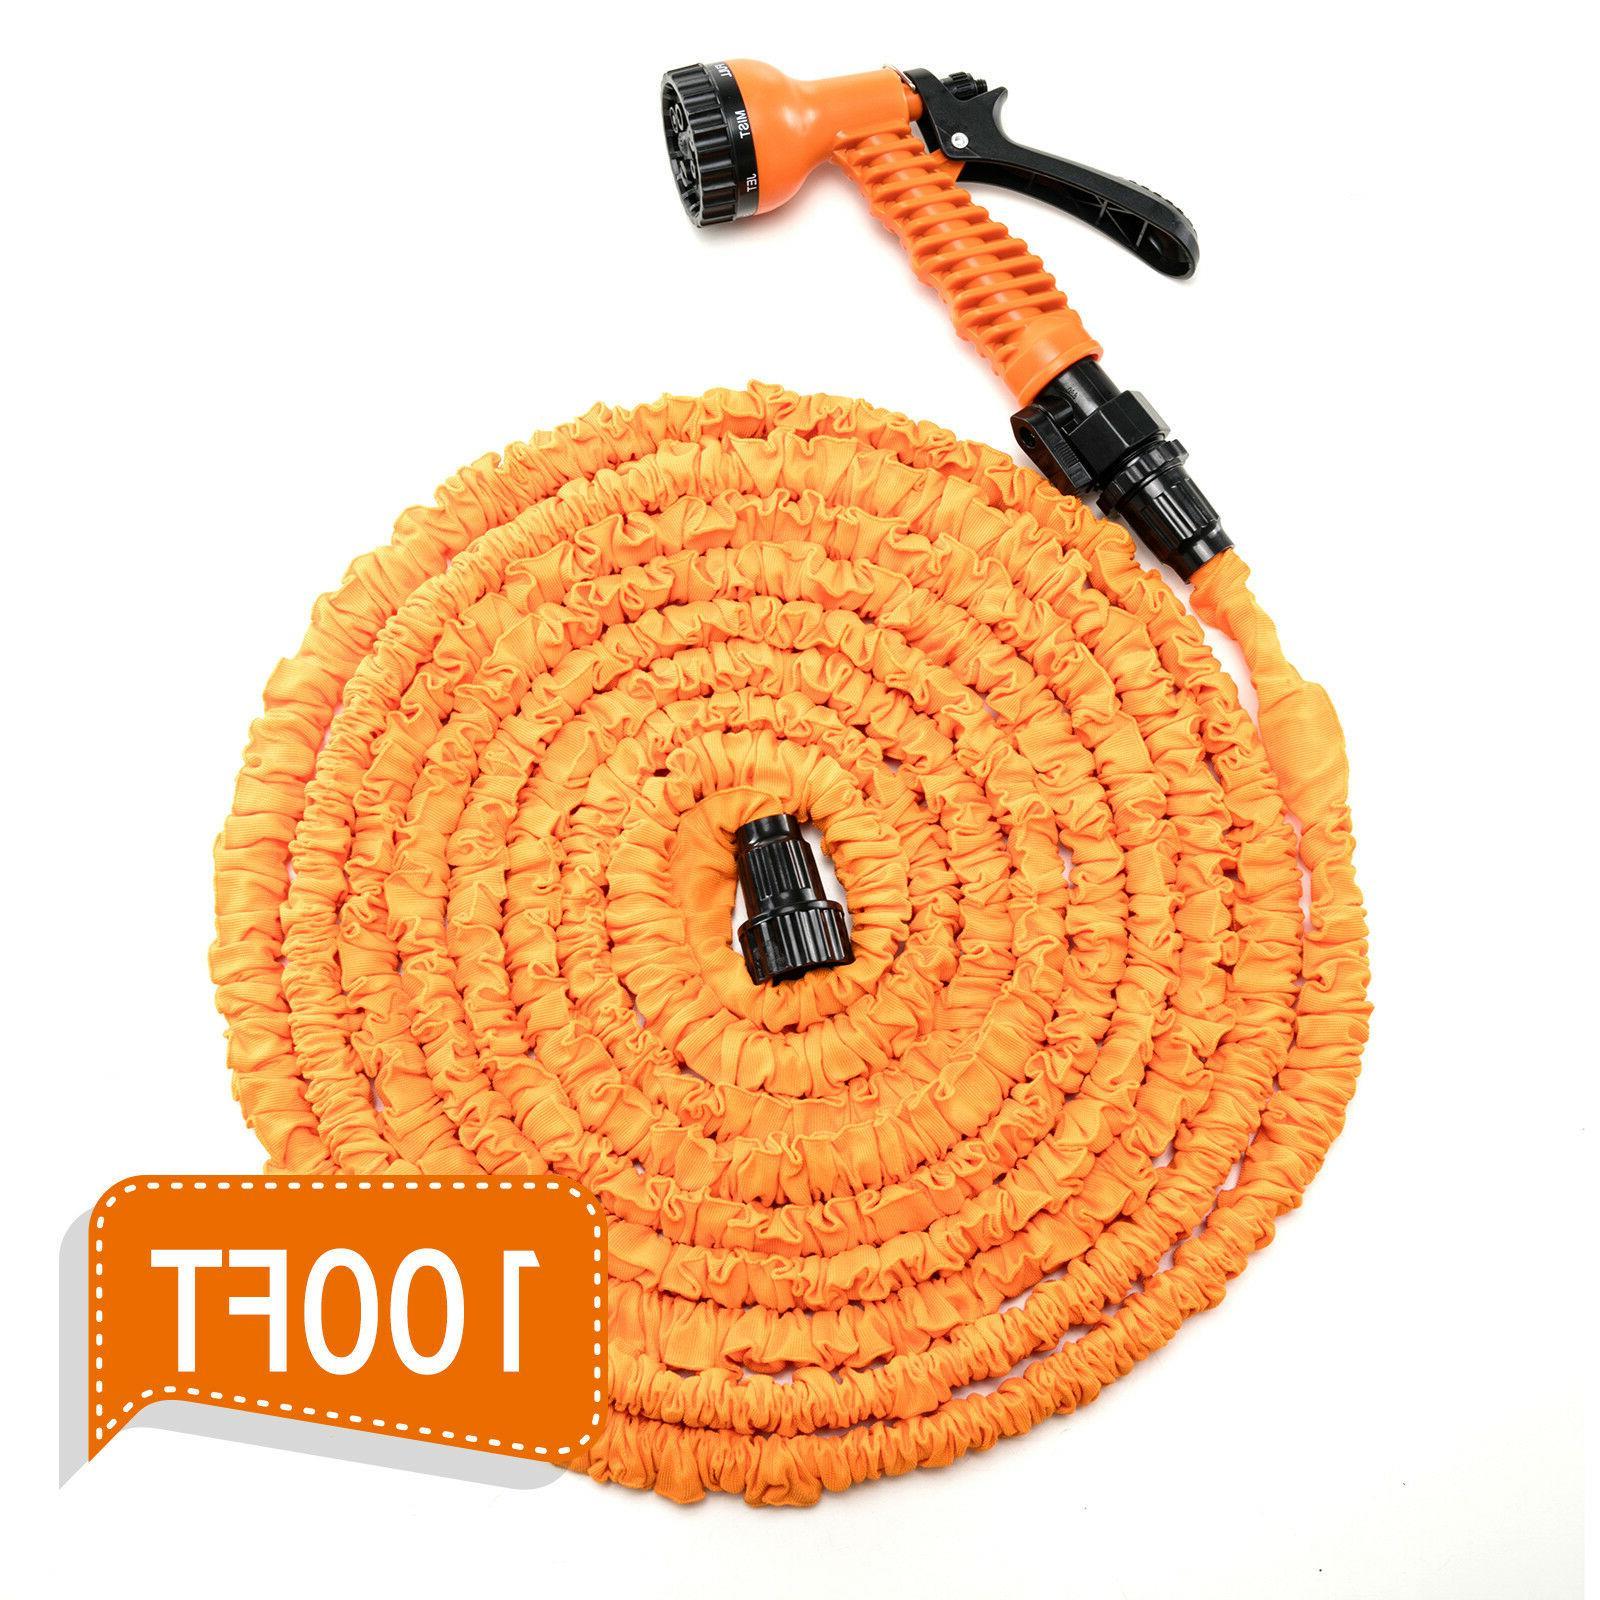 Deluxe 50 FT Nozzle Flexible Garden